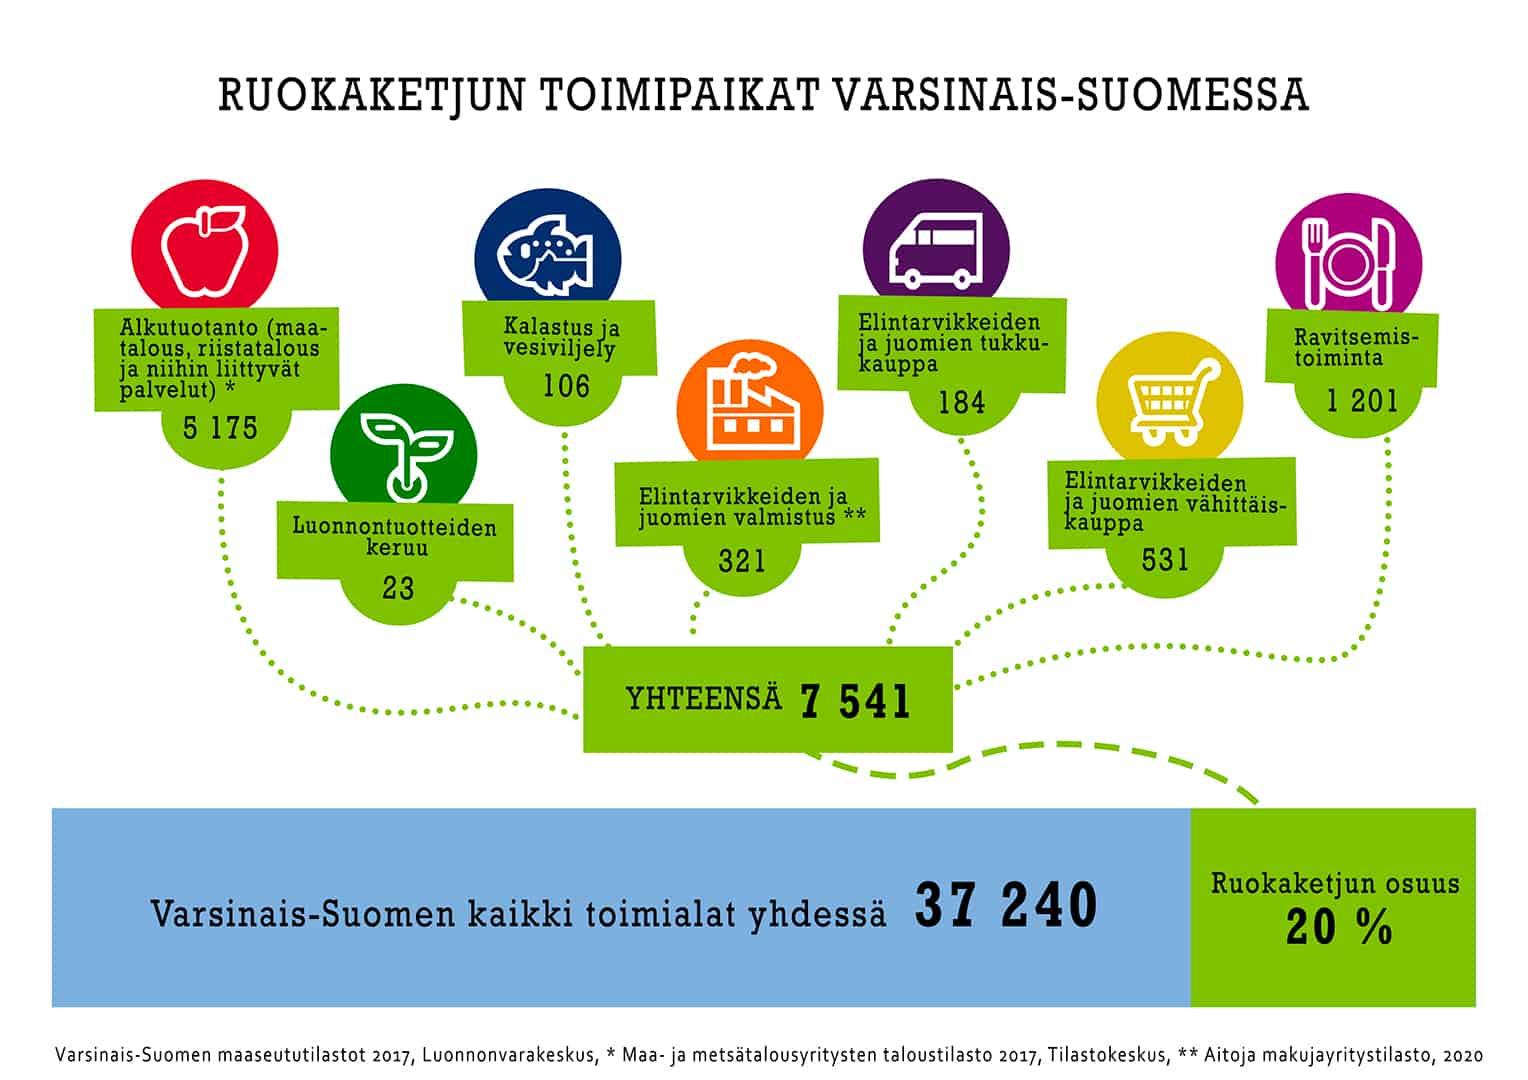 Infograafi Varsinais-Suomen ruokaketjun toimipaikoista, joita on yhteensä 7 541.